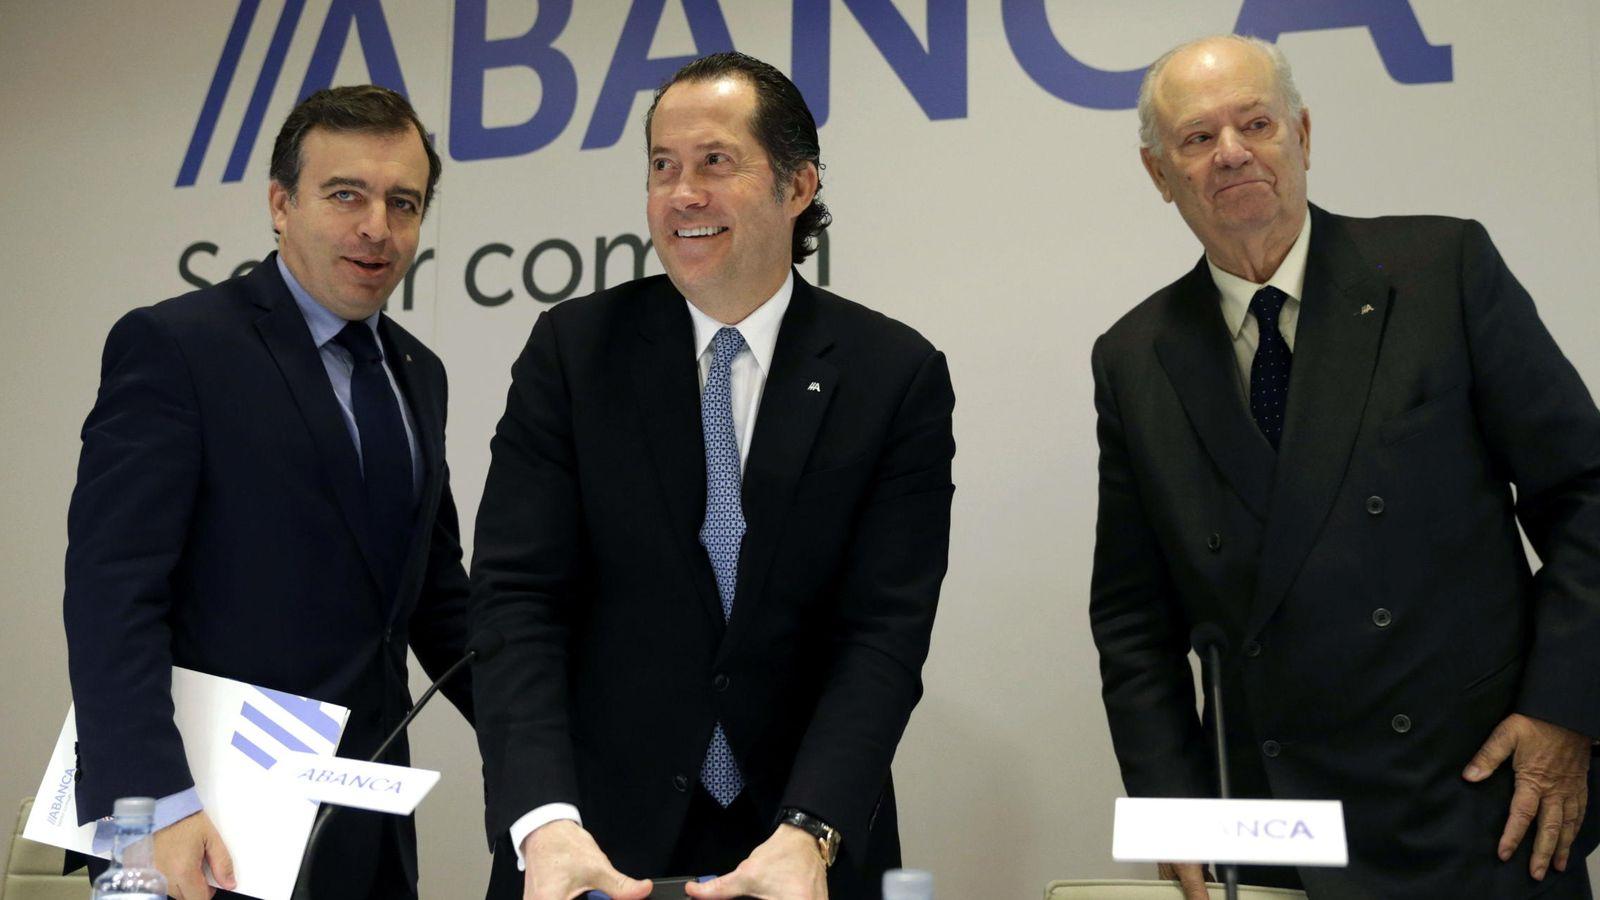 Foto: El presidente de Abanca, Javier Etcheverría (d), el vicepresidente Juan Carlos Escotet (c) y el consejero delegado Francisco Botas en una imagen de archivo (EFE)